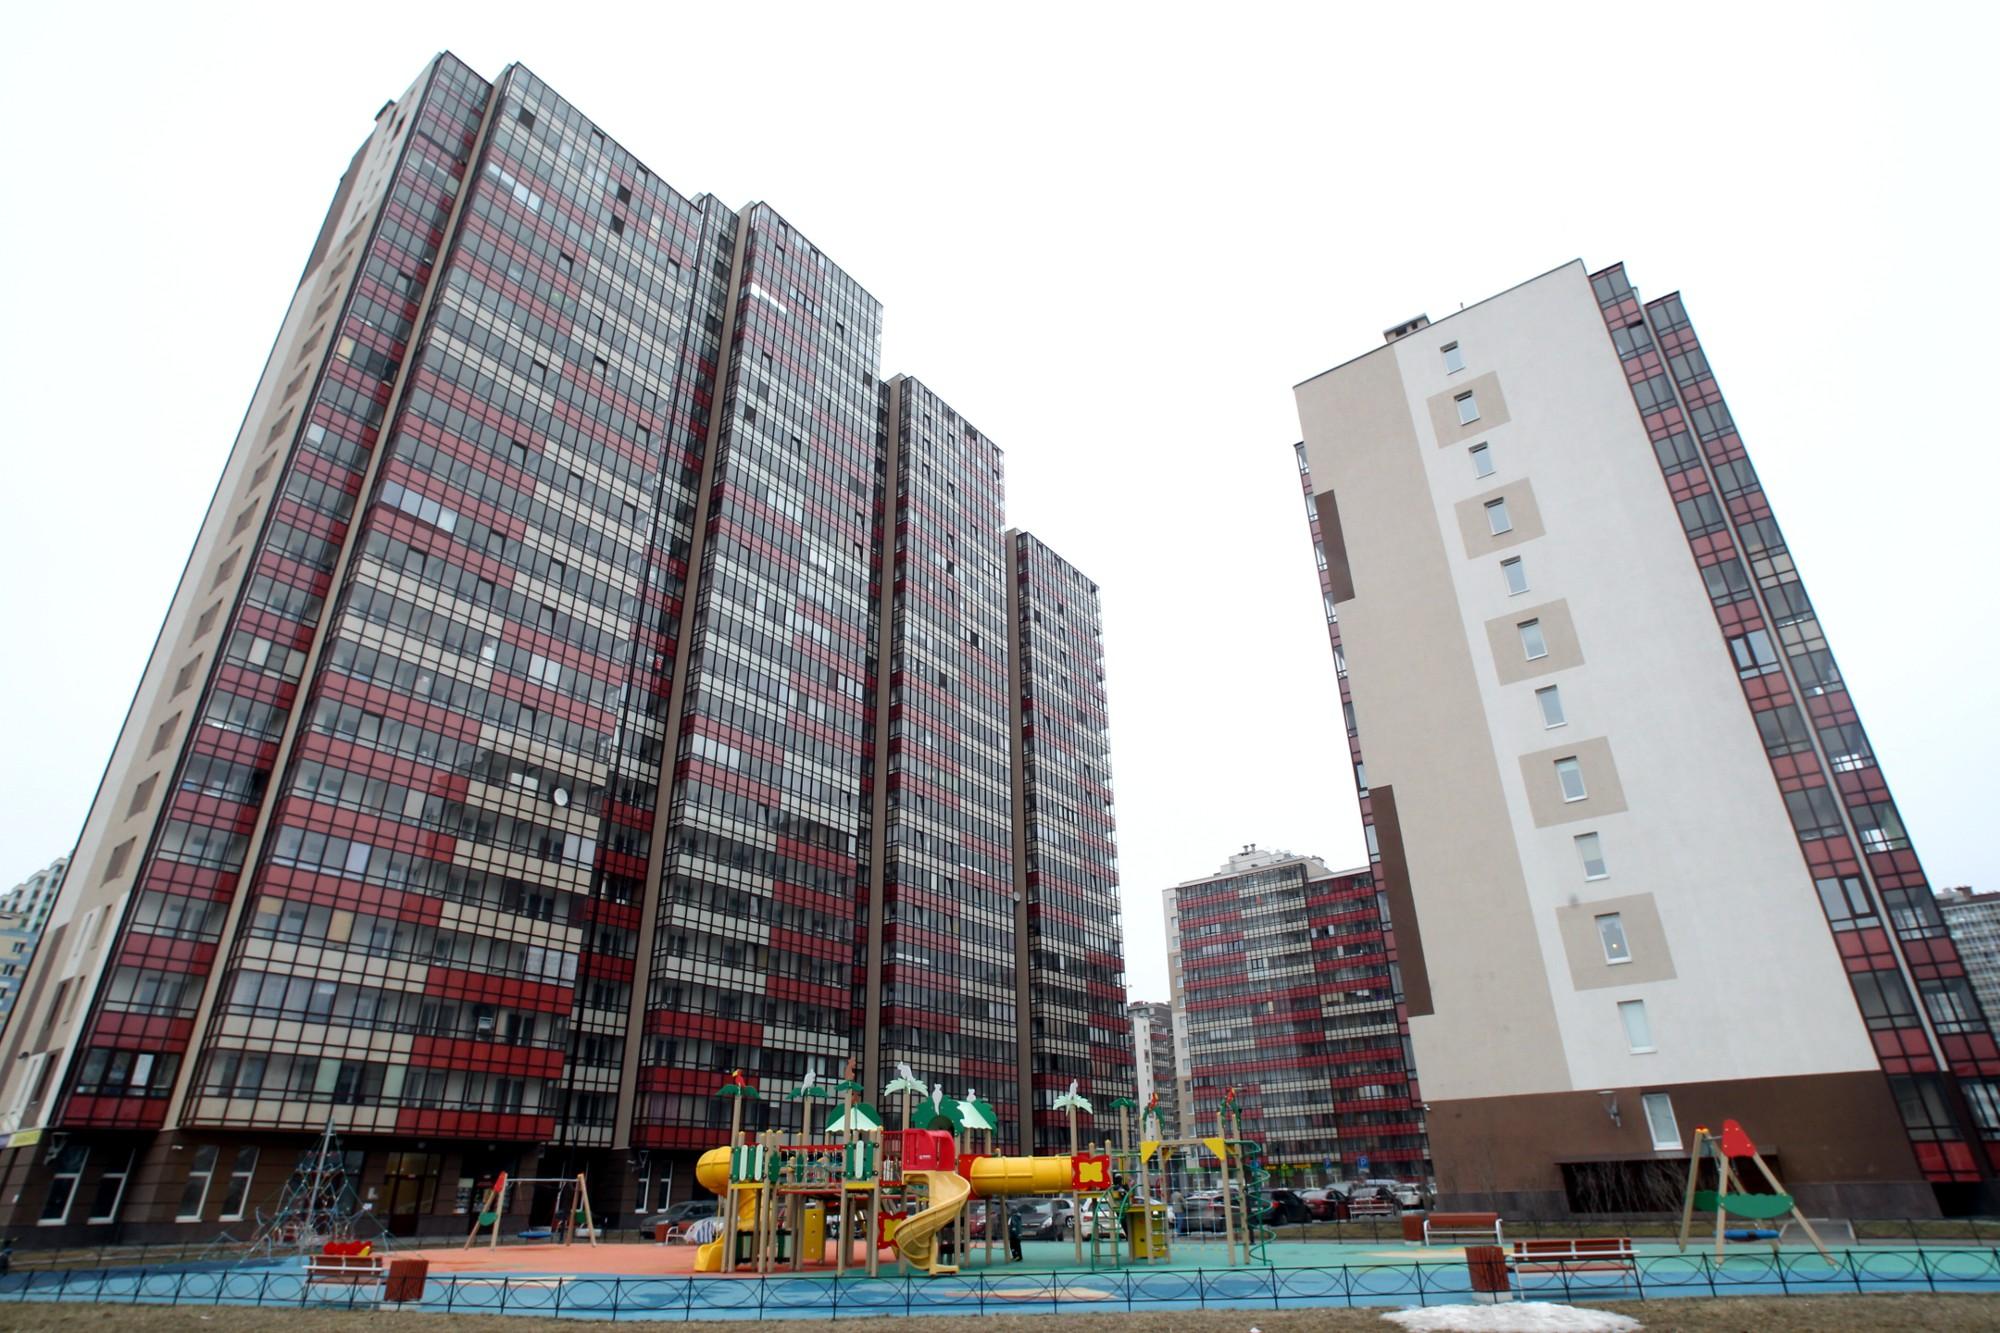 ленинградская область новый оккервиль кудрово новостройки строительство жилые дома квартал вена